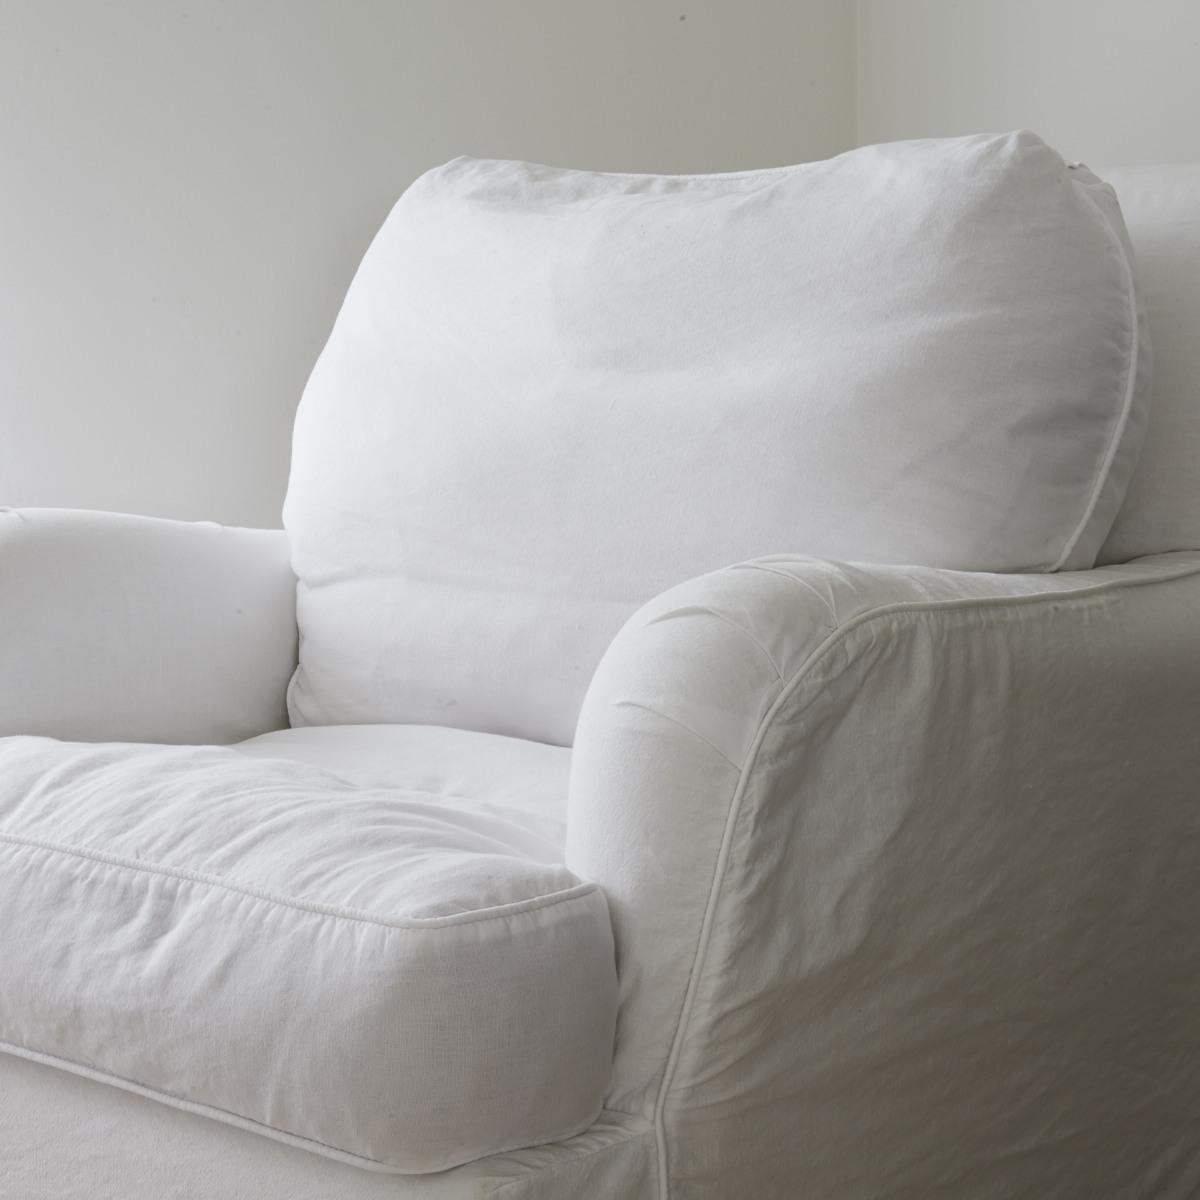 monogrammed slipcover - plain linen slipcover from Shabby Chic via Atticmag